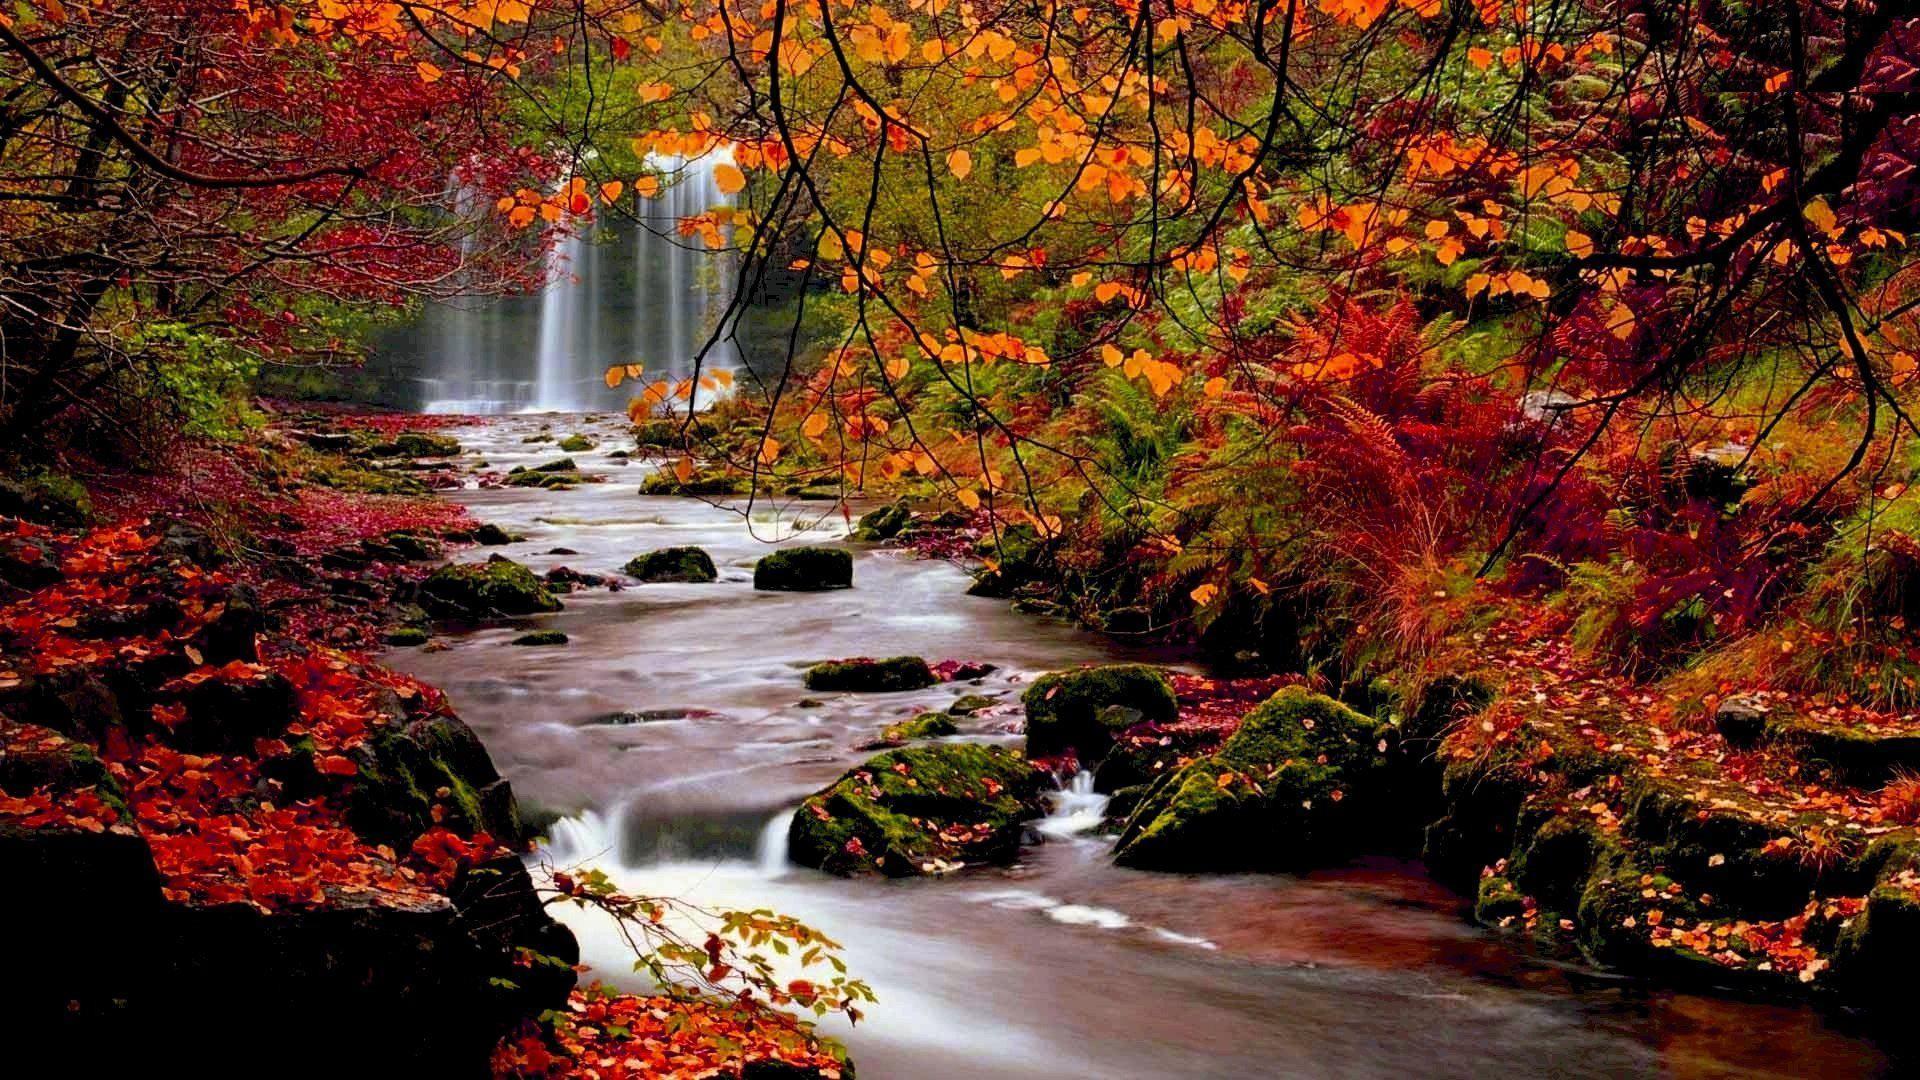 Autumn Wallpaper Backgrounds ①